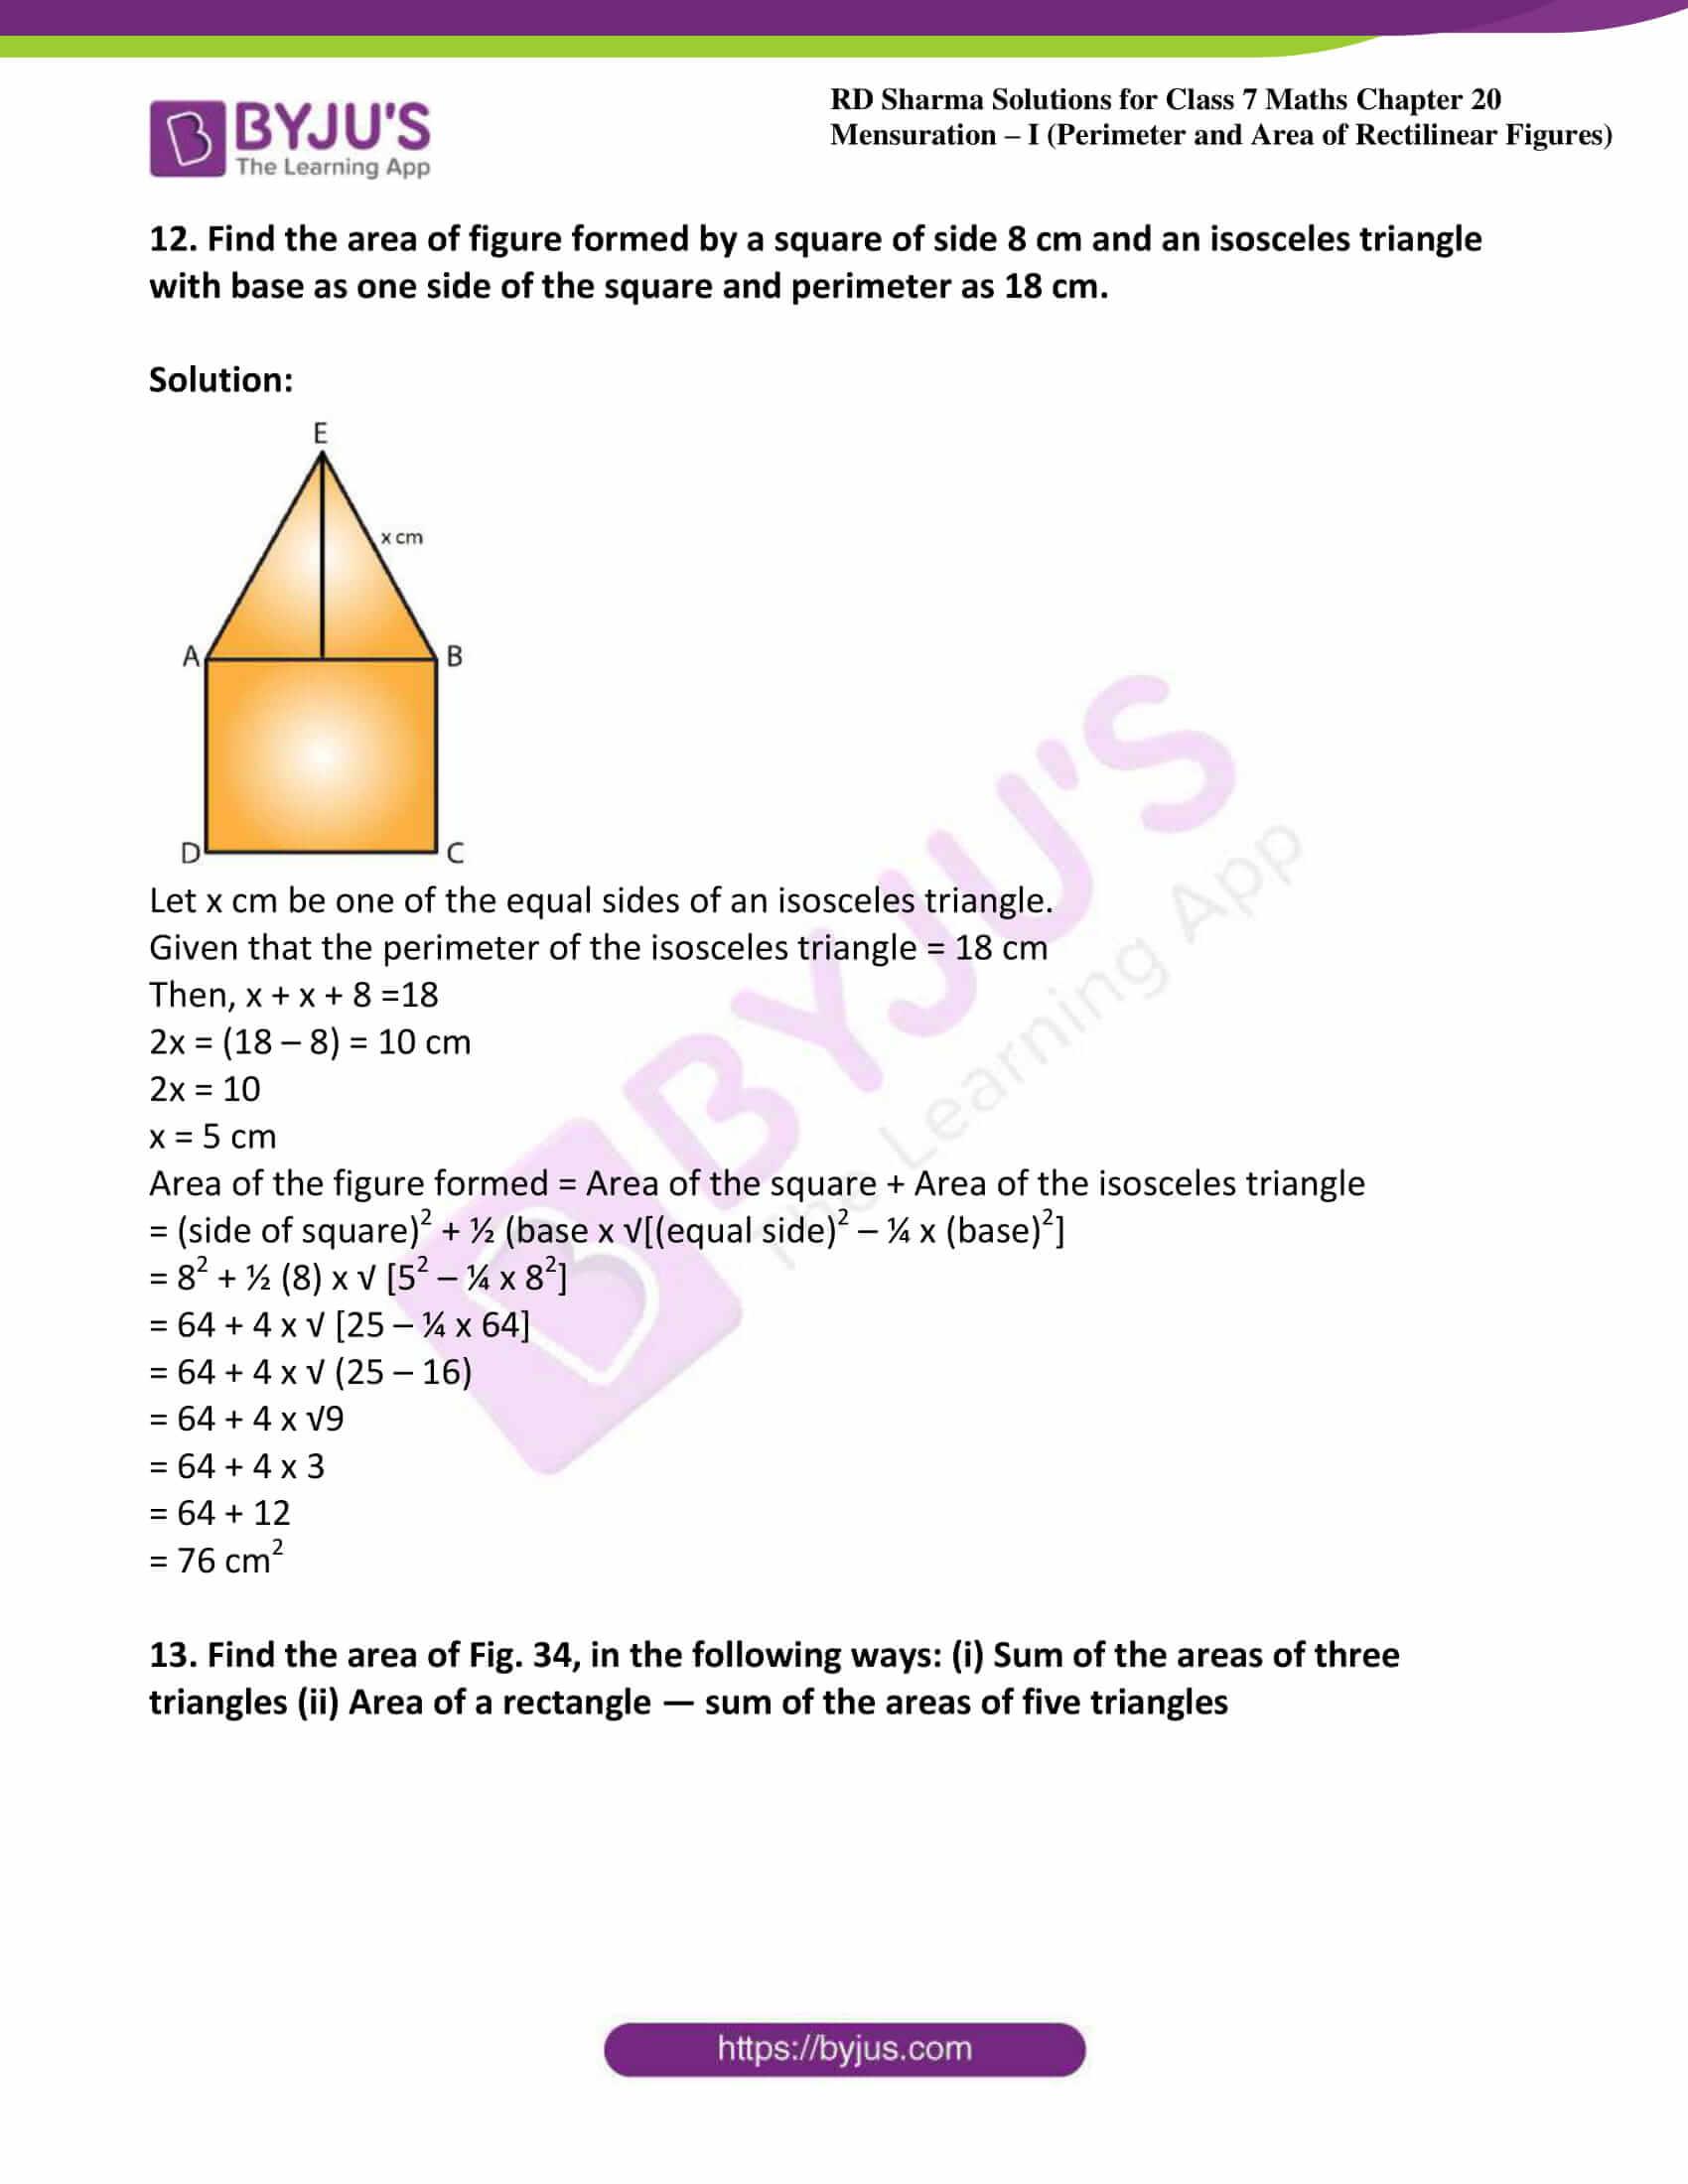 rd sharma maths class7 solution chapter 20 ex 4 07